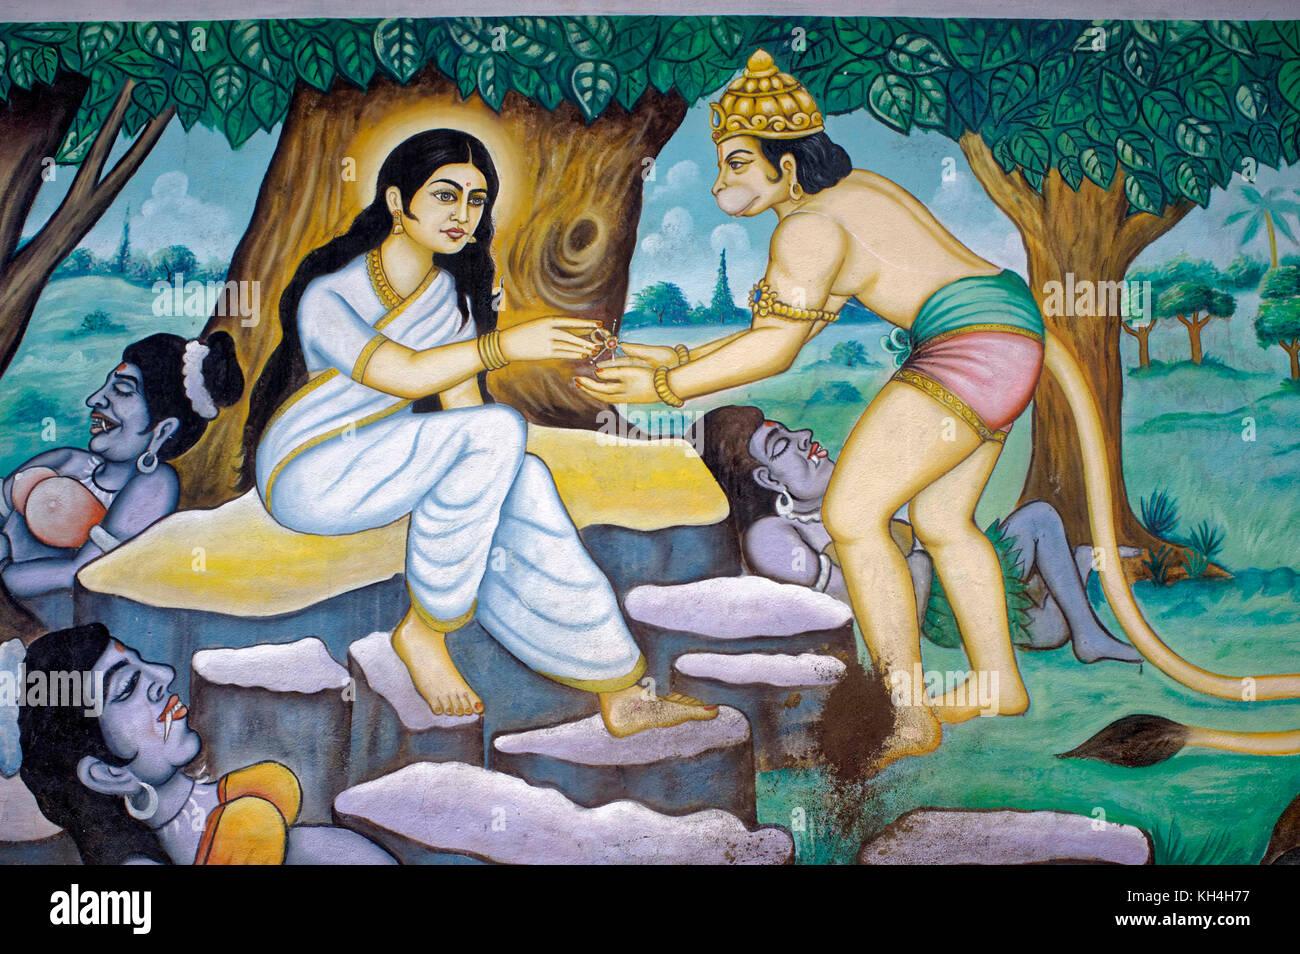 Hanuman und Sita Gemälde an der Wand des anjaneya Tempel, Karnataka, Indien, Asien Stockbild